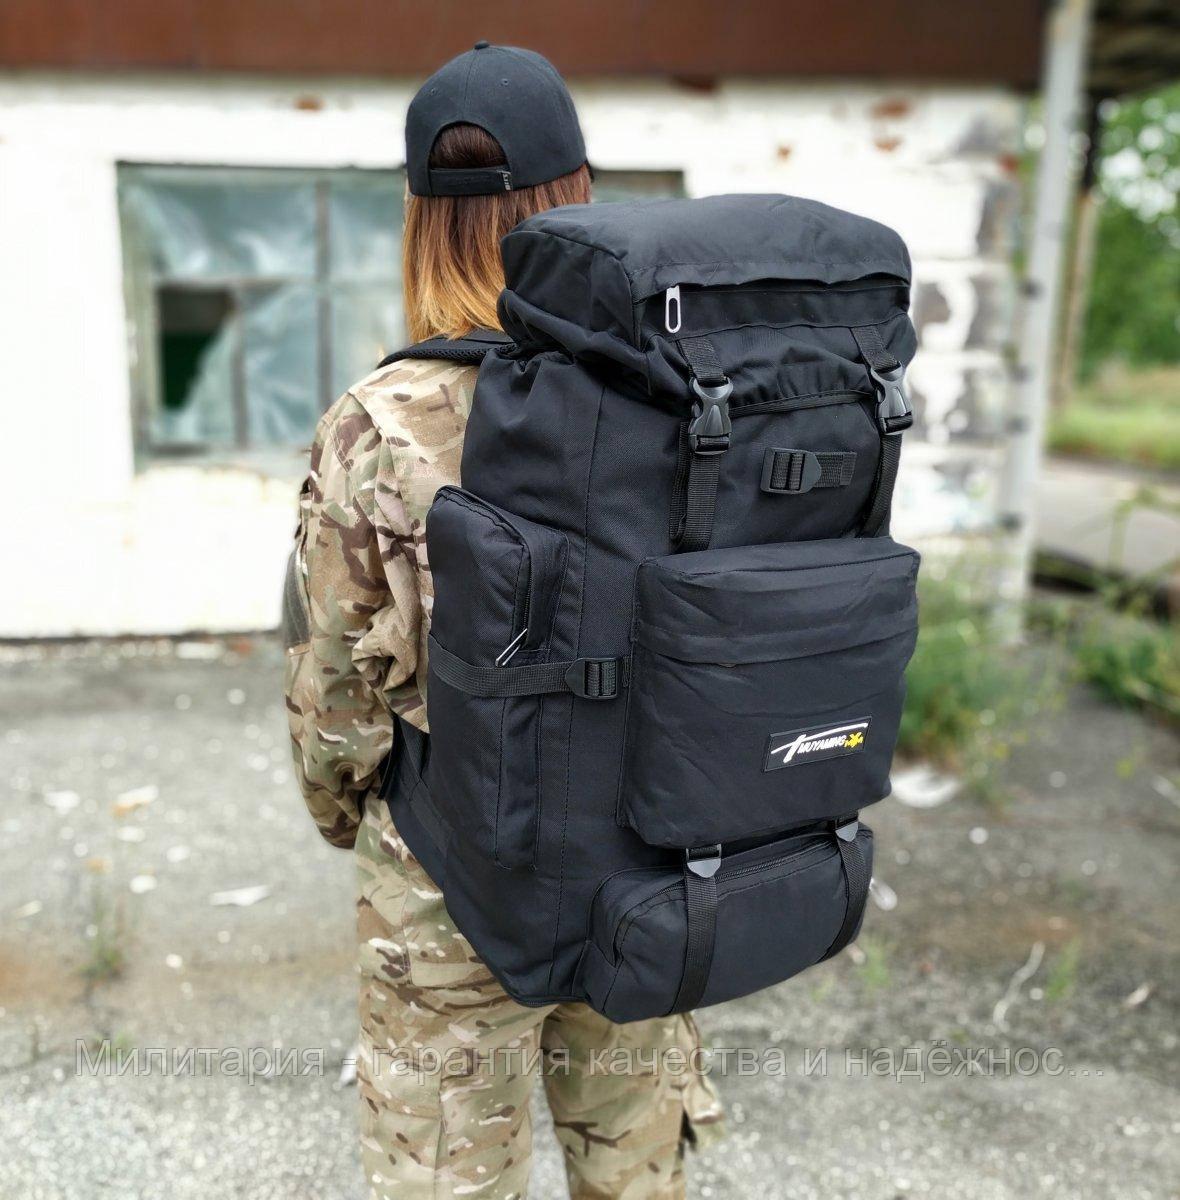 Тактичний (туристичний) рюкзак на 80 л збільшується дно Black (ta70-new-black)